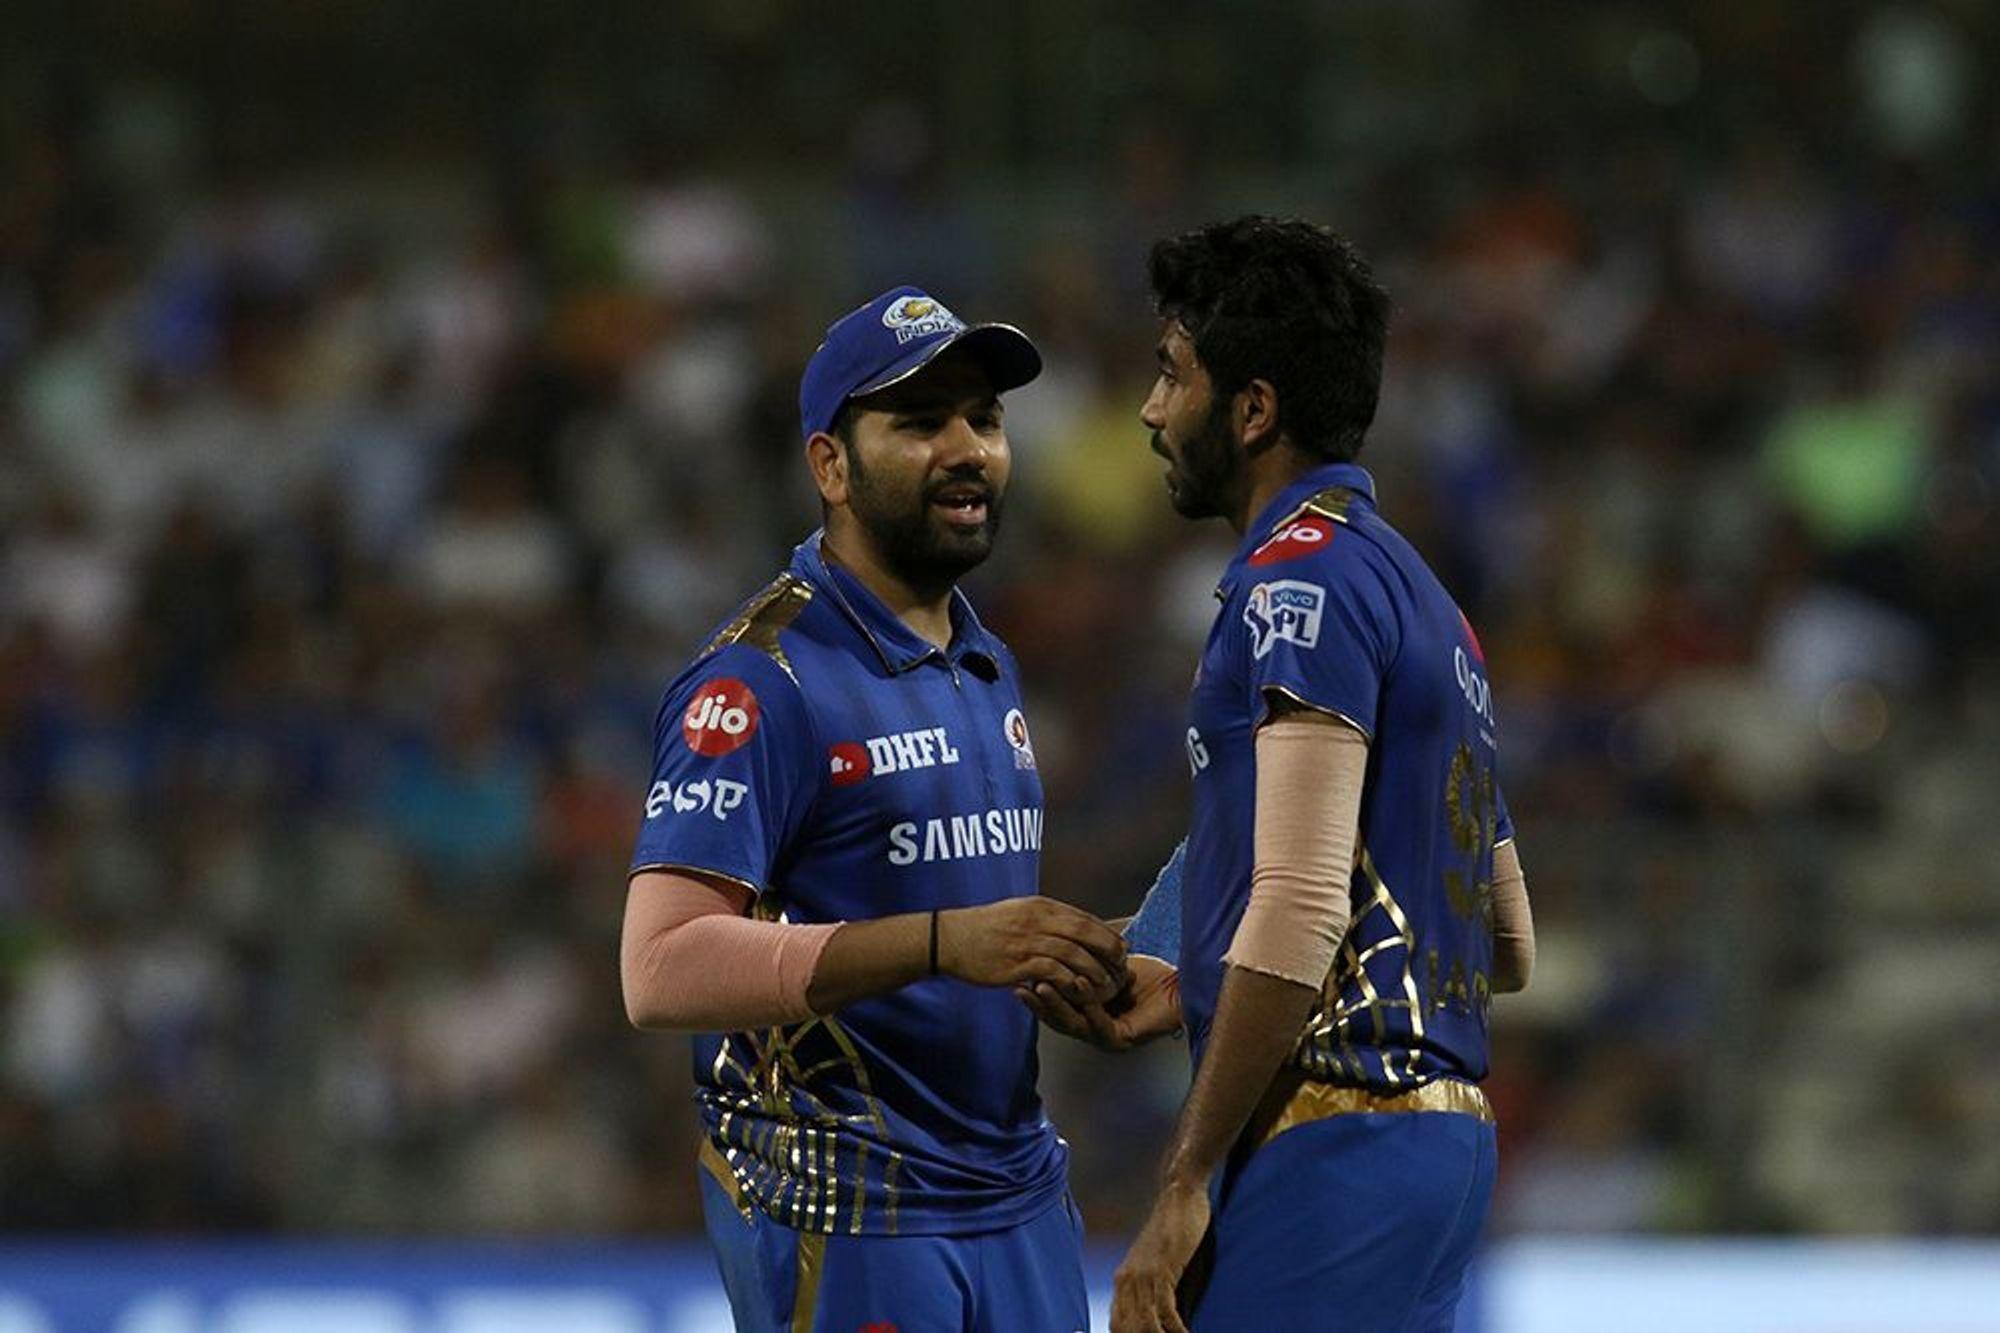 आईपीएल 2019: प्लेऑफ़ में पहुंचने के बाद चेन्नई सुपर किंग्स पर तंज कसते हुए नजर आये रोहित शर्मा 3